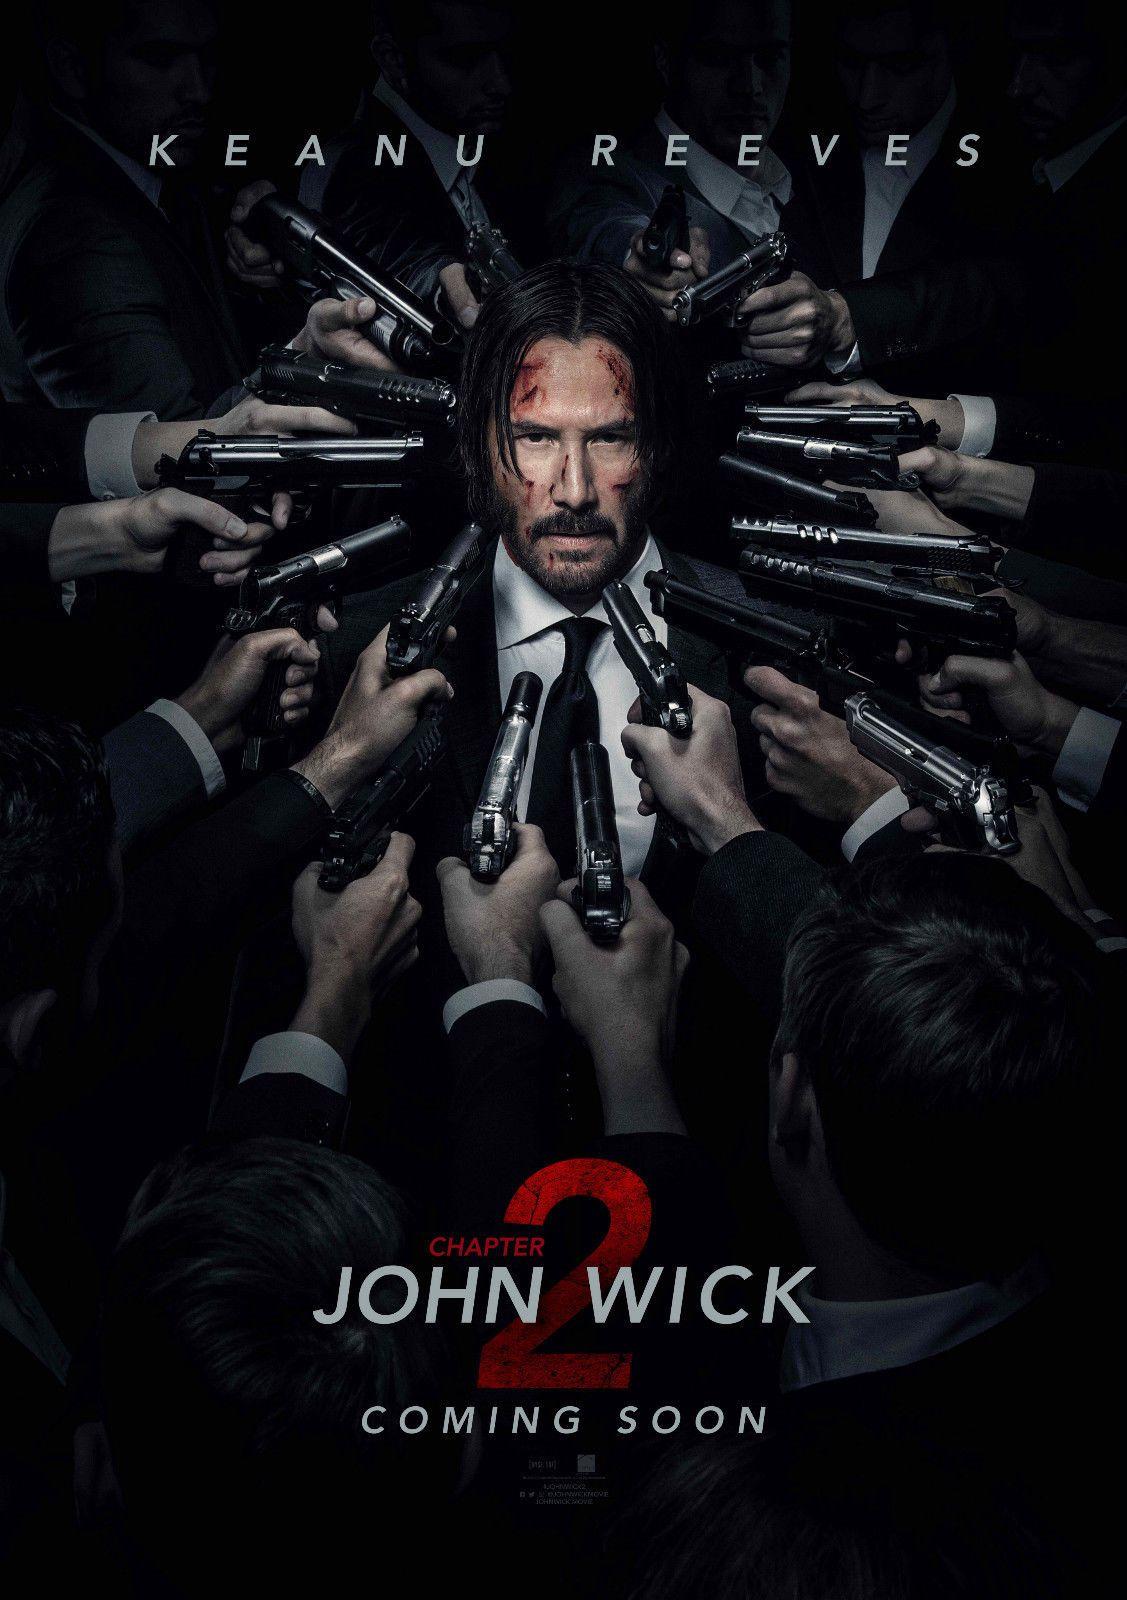 téléchargez le film complet de John Wick: Chapter 3